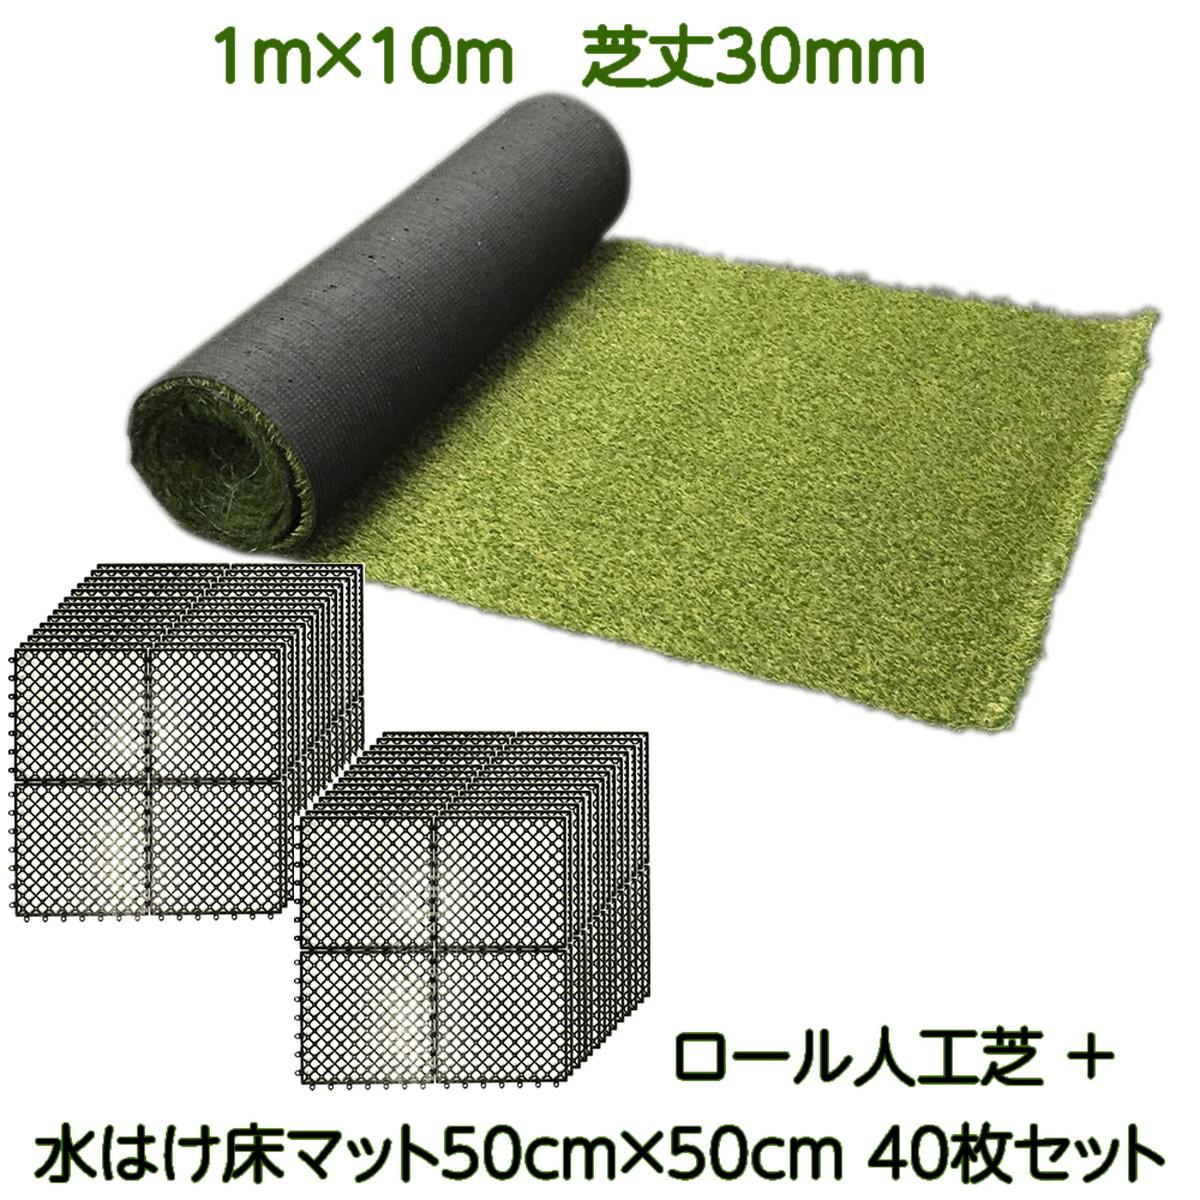 人工芝 ロール 水はけ マット 色までリアルなロール人工芝 芝丈30mm 幅1m 長さ10m + ジョイント式 床マット 50cm × 50cm 40枚 安全検査実施済人工芝 ジョイント 水はけ穴有り 芝生 水捌け fme-3010-base0505